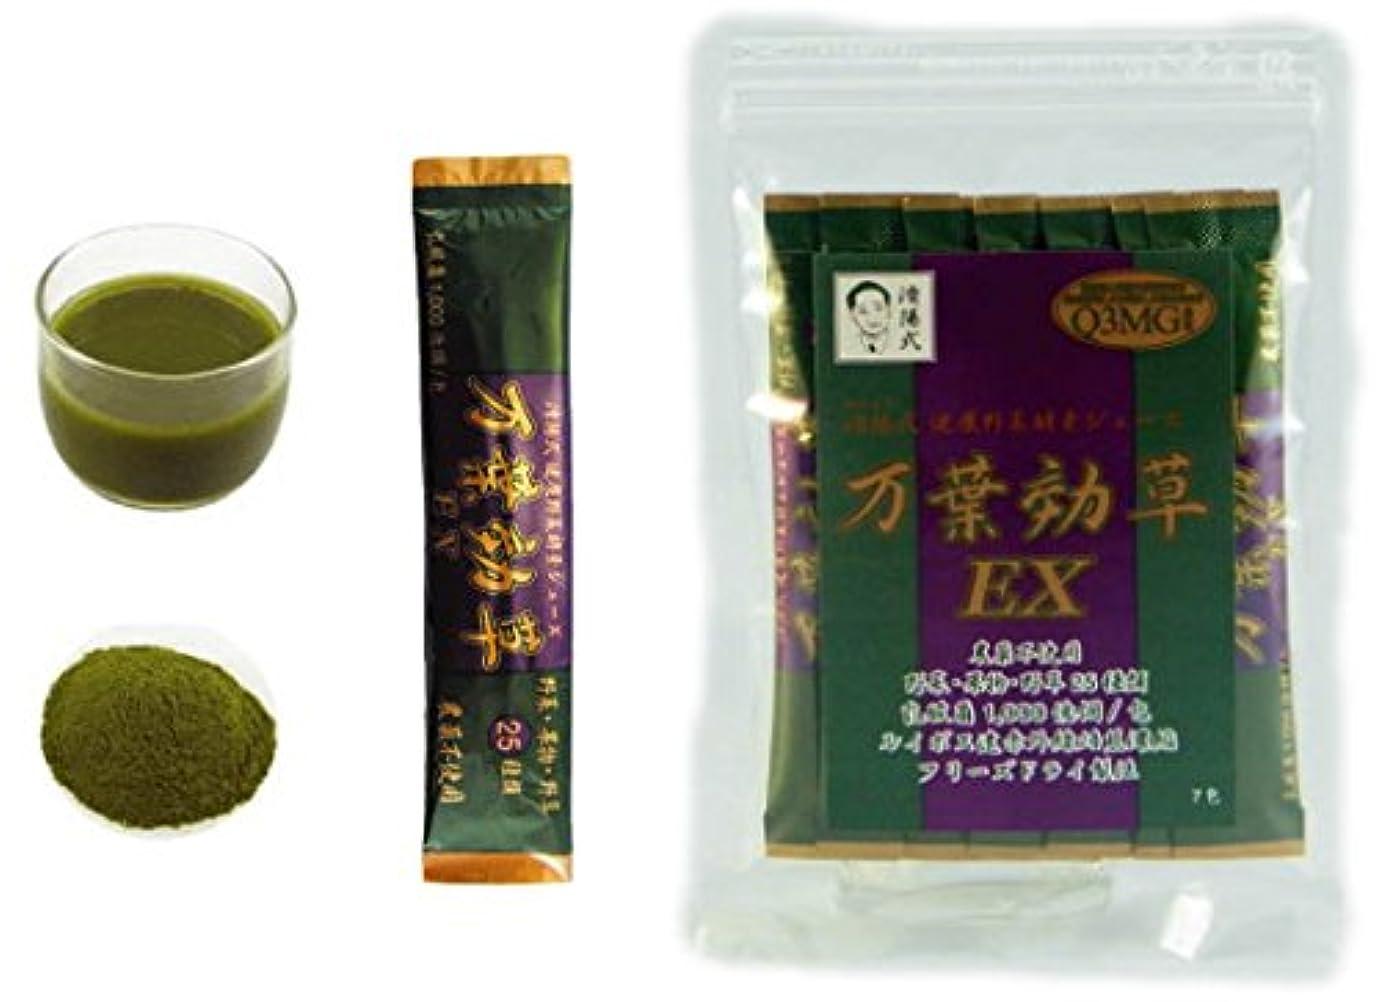 しかしキャプチャーきらめき済陽式 健康野草ジュース 万葉効草EX お試しパック7包入り